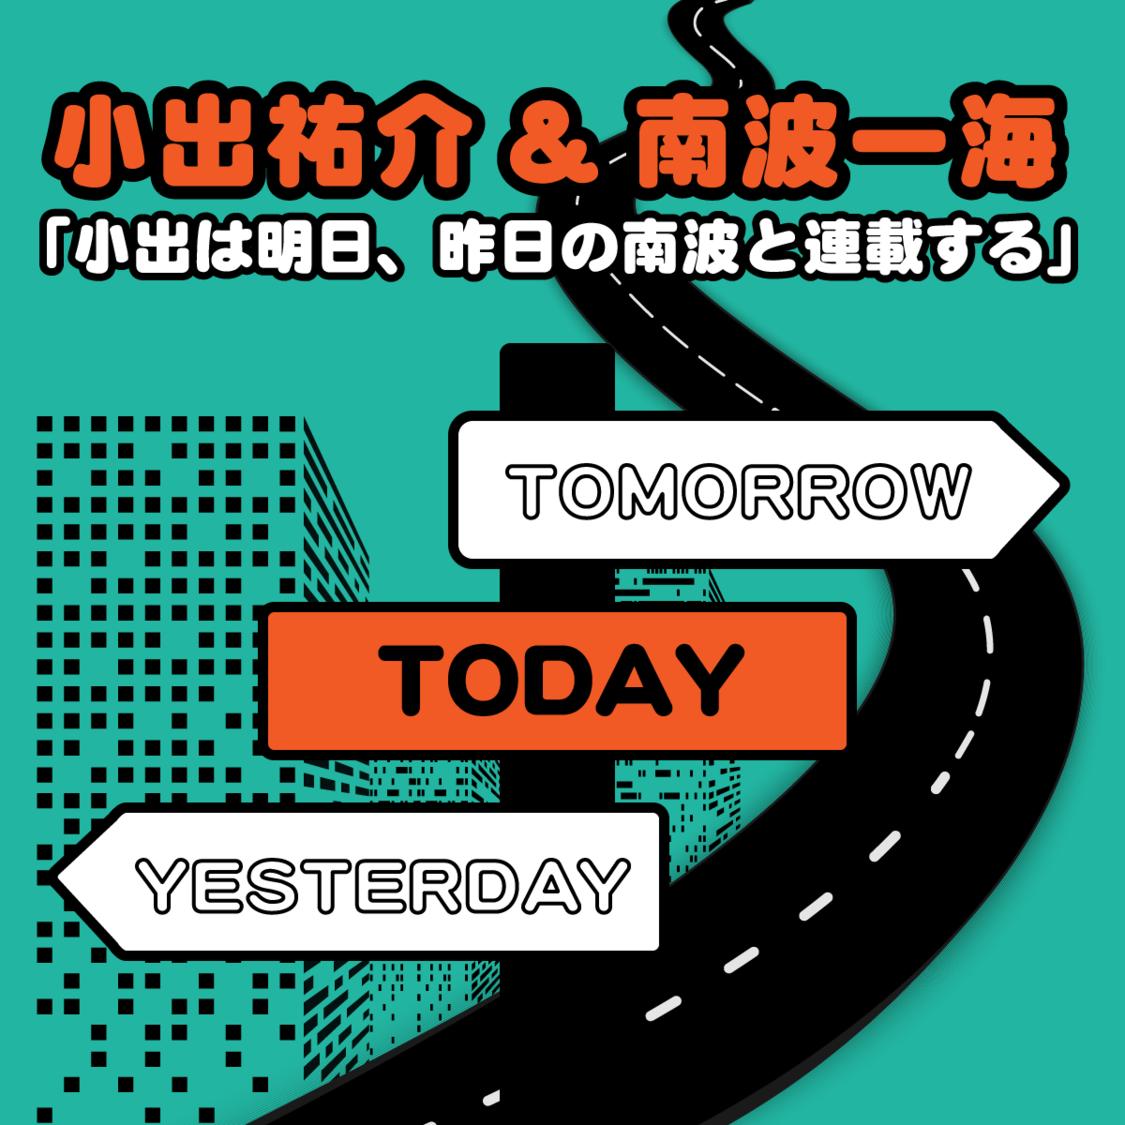 第20回:2018年アイドル楽曲の傾向〜小出祐介&南波一海「小出は明日、昨日の南波と連載する」〜